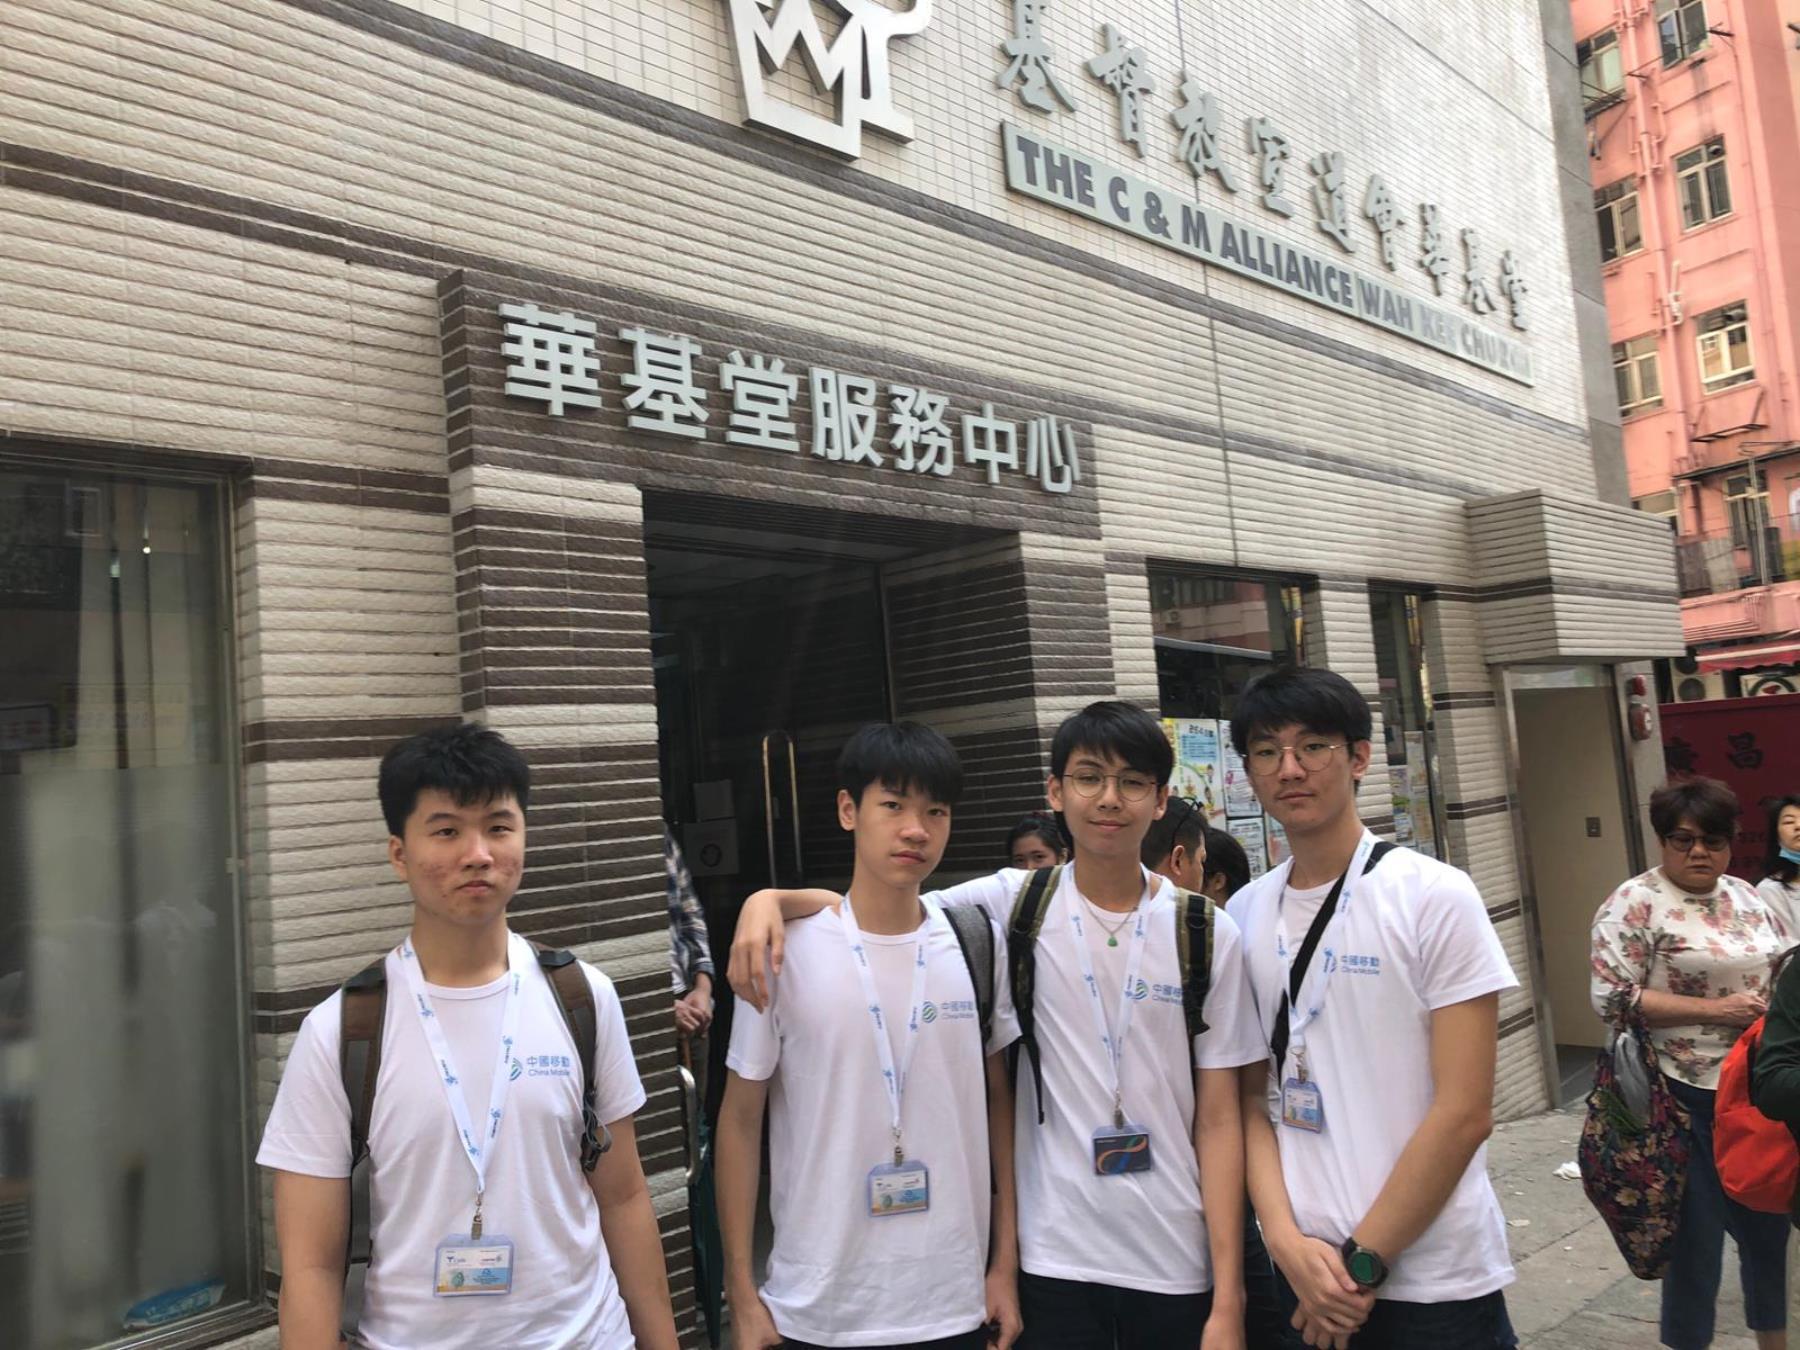 http://npc.edu.hk/sites/default/files/aawg3783.jpg